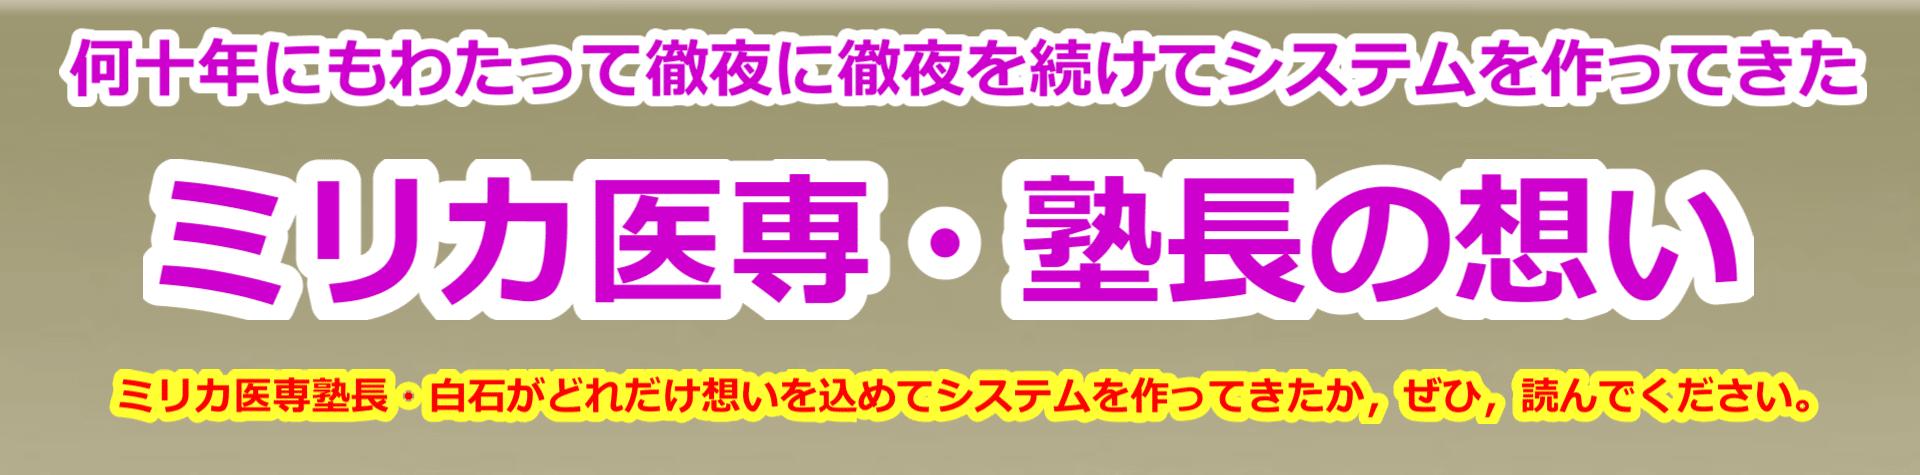 ミリカ医専・医学部受験予備校